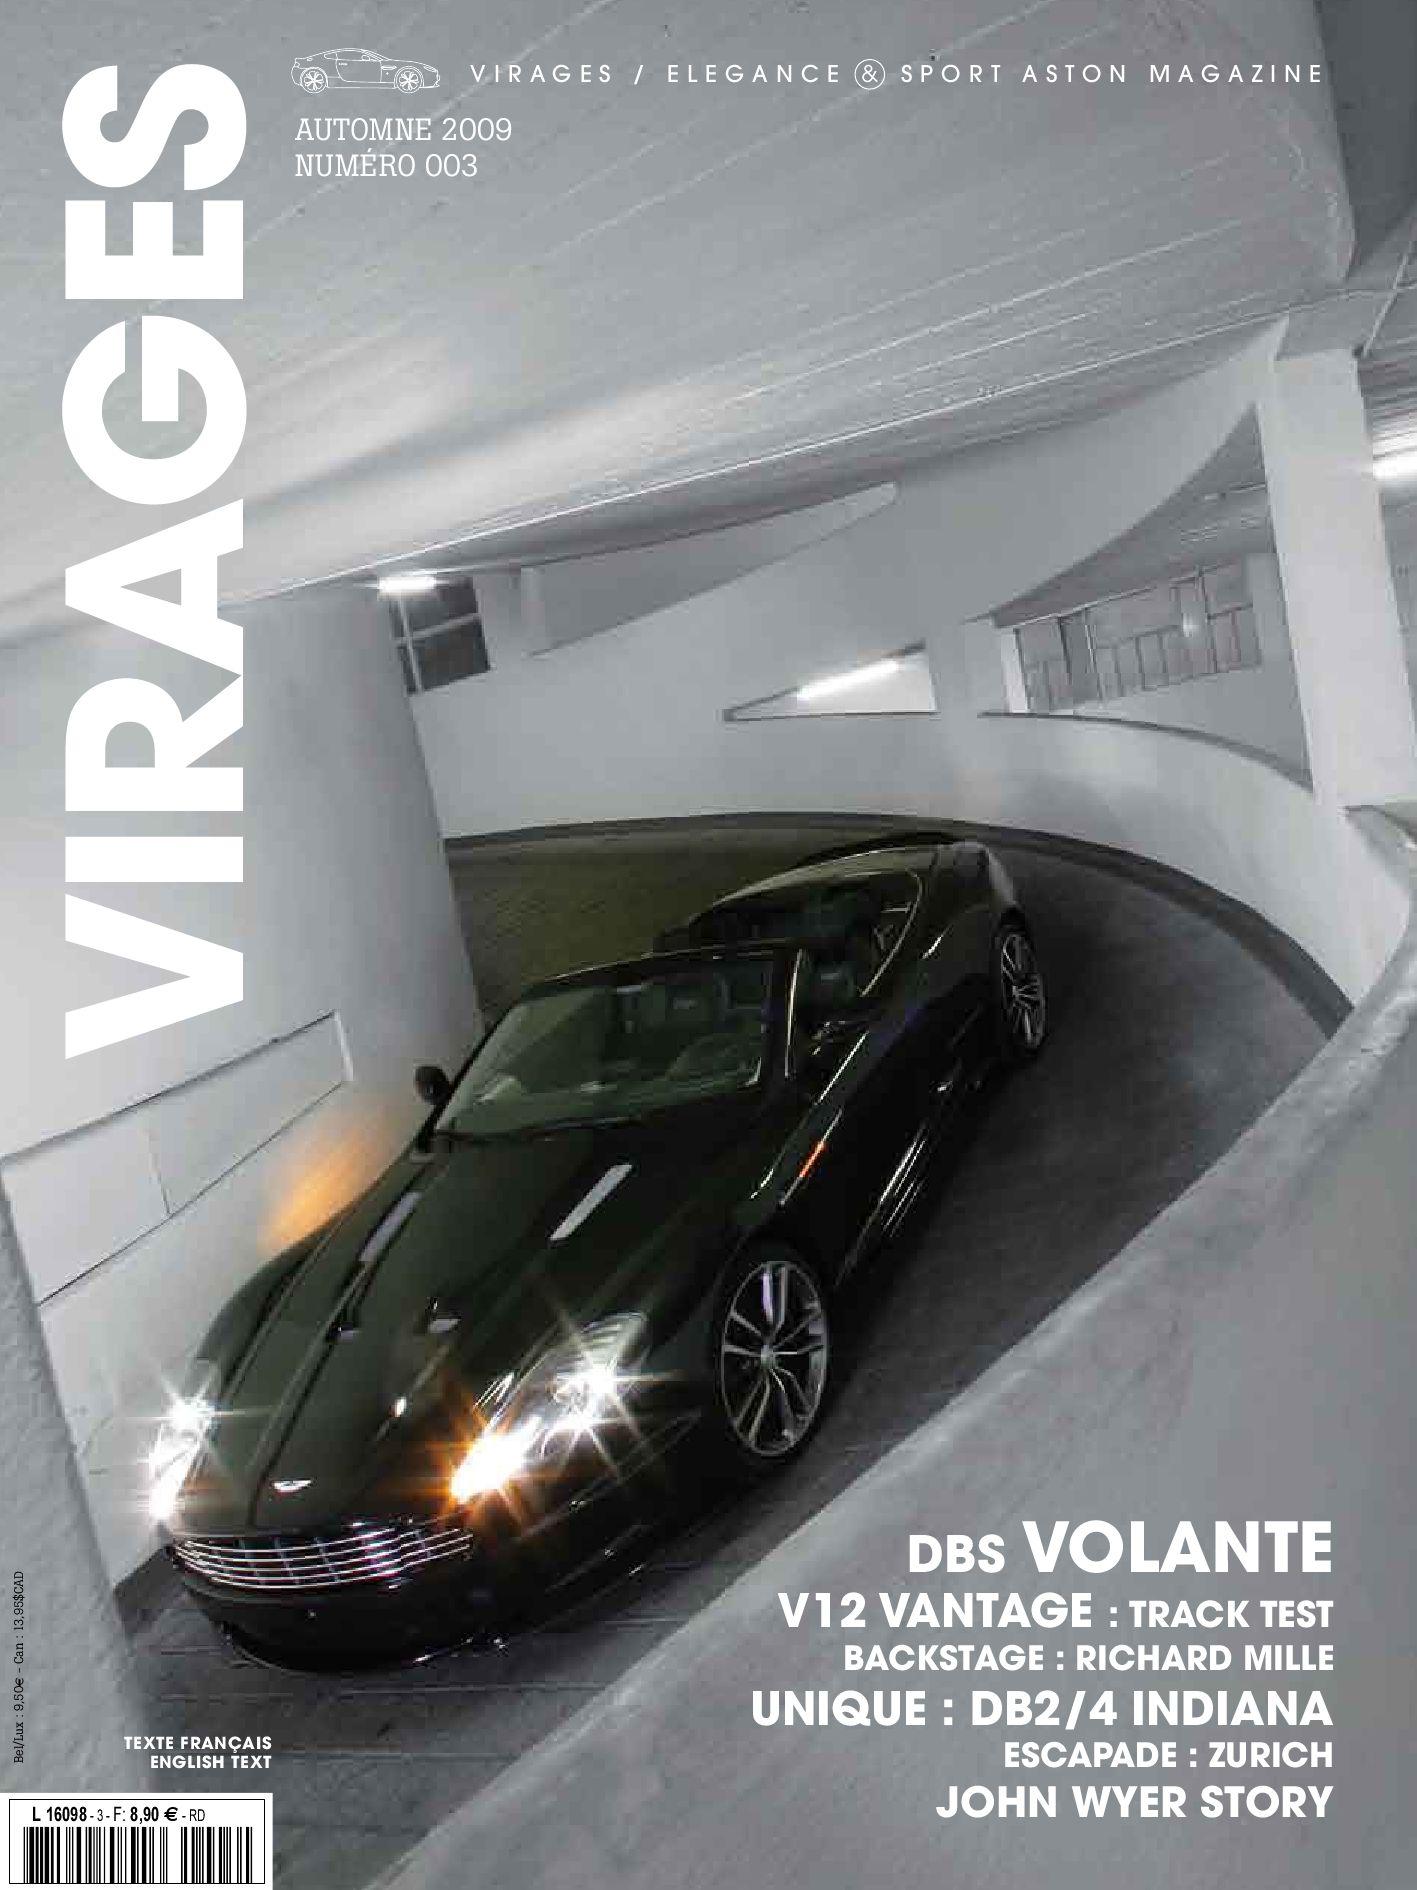 Auto, Moto – Pièces, Accessoires Open-Minded Attention Ferrari Fans Disease Signe Métal Ferrari Voiture Humoristique